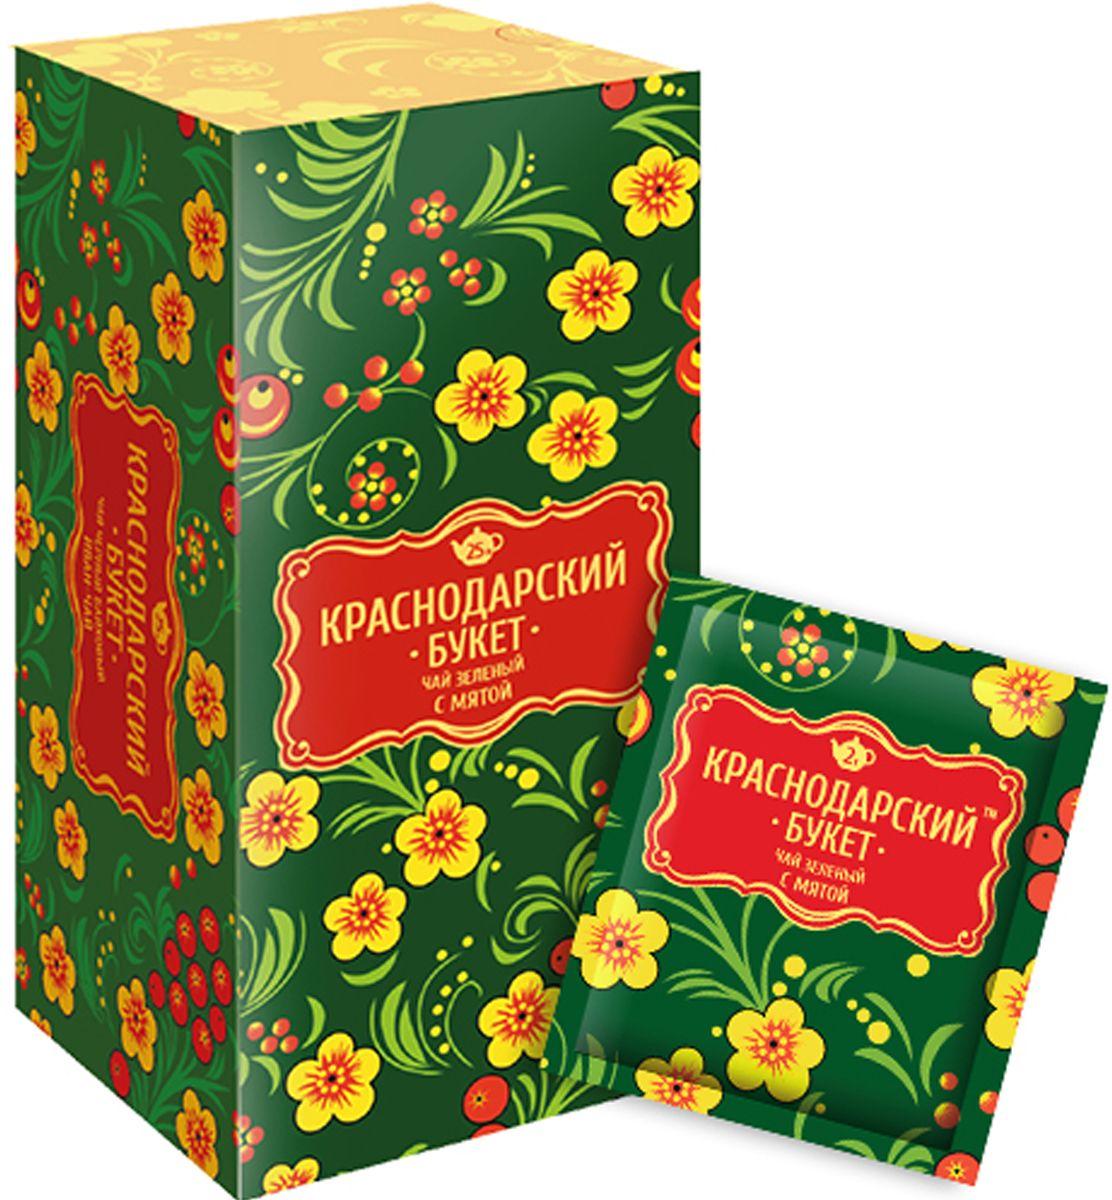 Краснодарский букет чай зеленый с мятой в пакетиках, 25 шт4607051543010Классическое сочетание зеленого чая с душистой мятой создает мягкий успокаивающий эффект, отлично освежает и утоляет жажду.